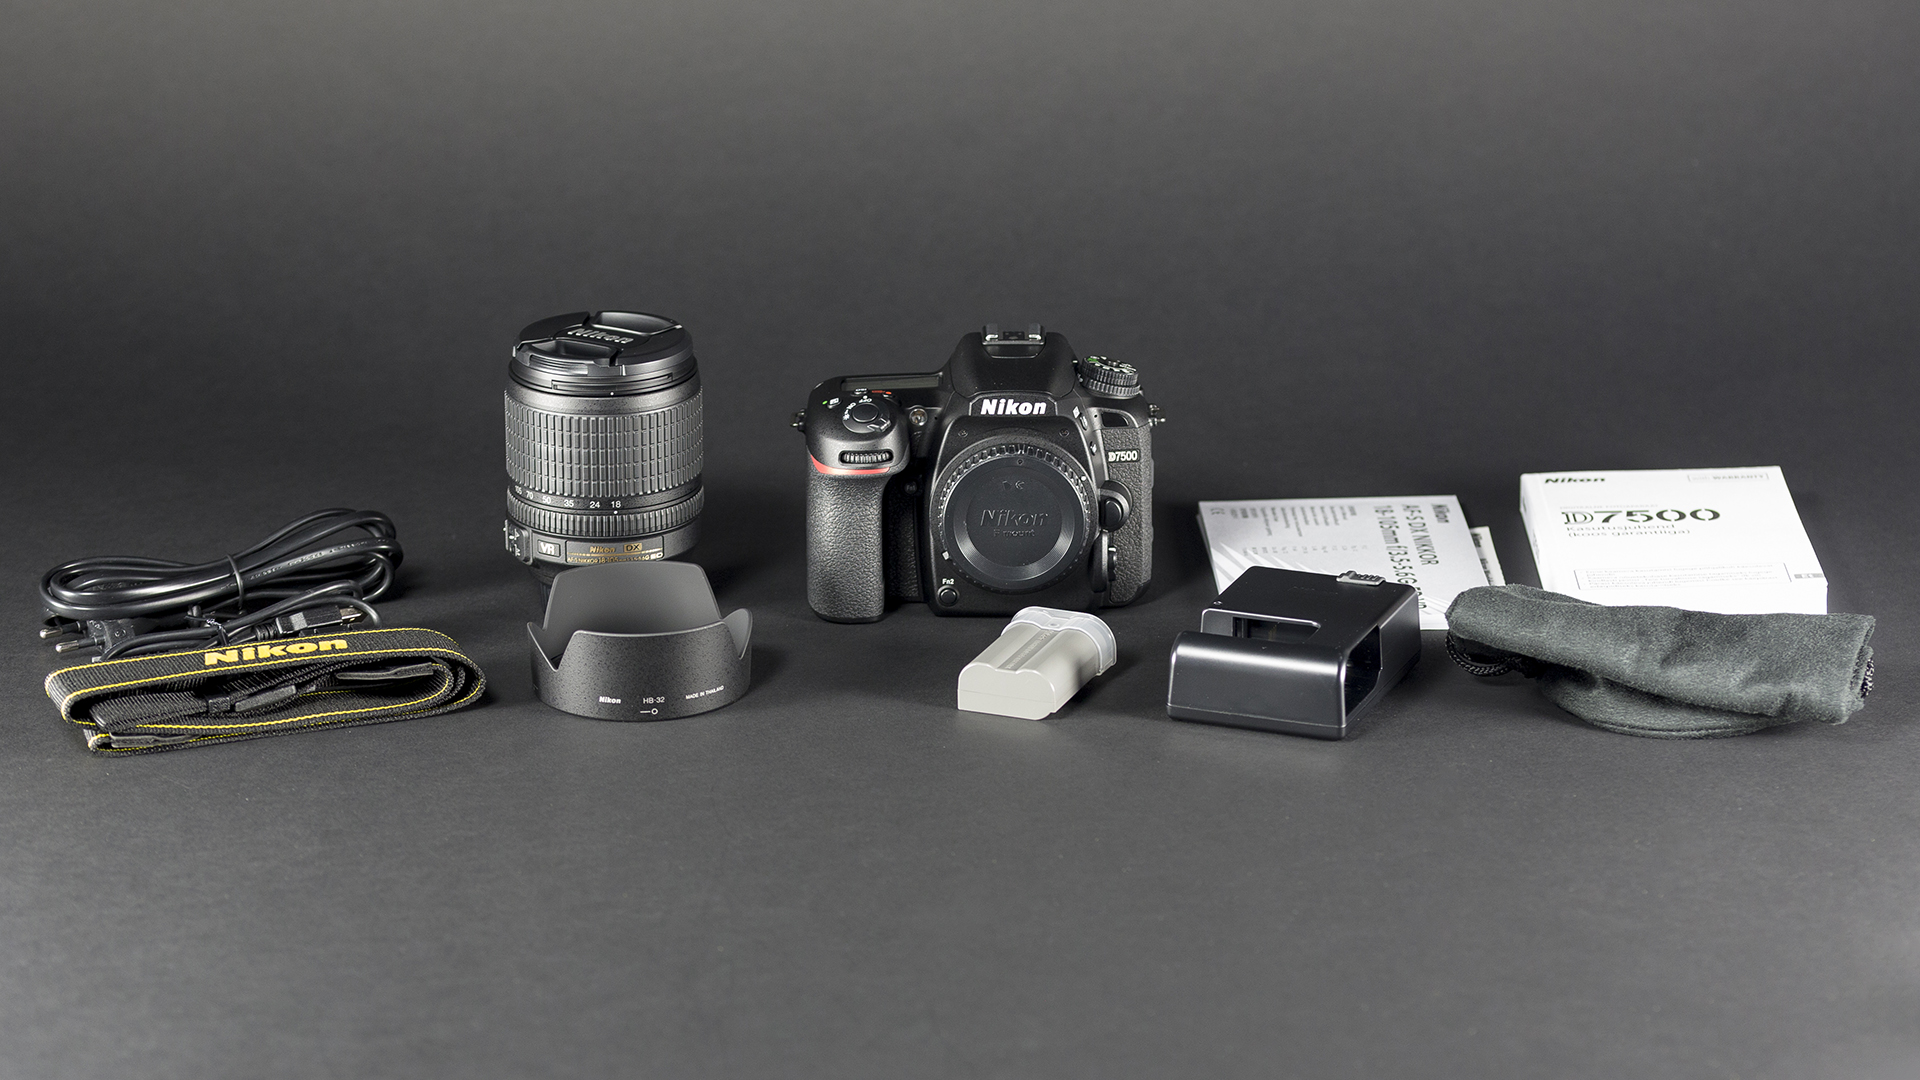 f334134eb47 Kaamera ning objektiivi karpide peale kokku tuleb karpidest välja järgnevad  asjad: kaamera kere, objektiiv (Nikkor AF-S 18-105mm f/3.5-5.6 G ED VR  antud ...